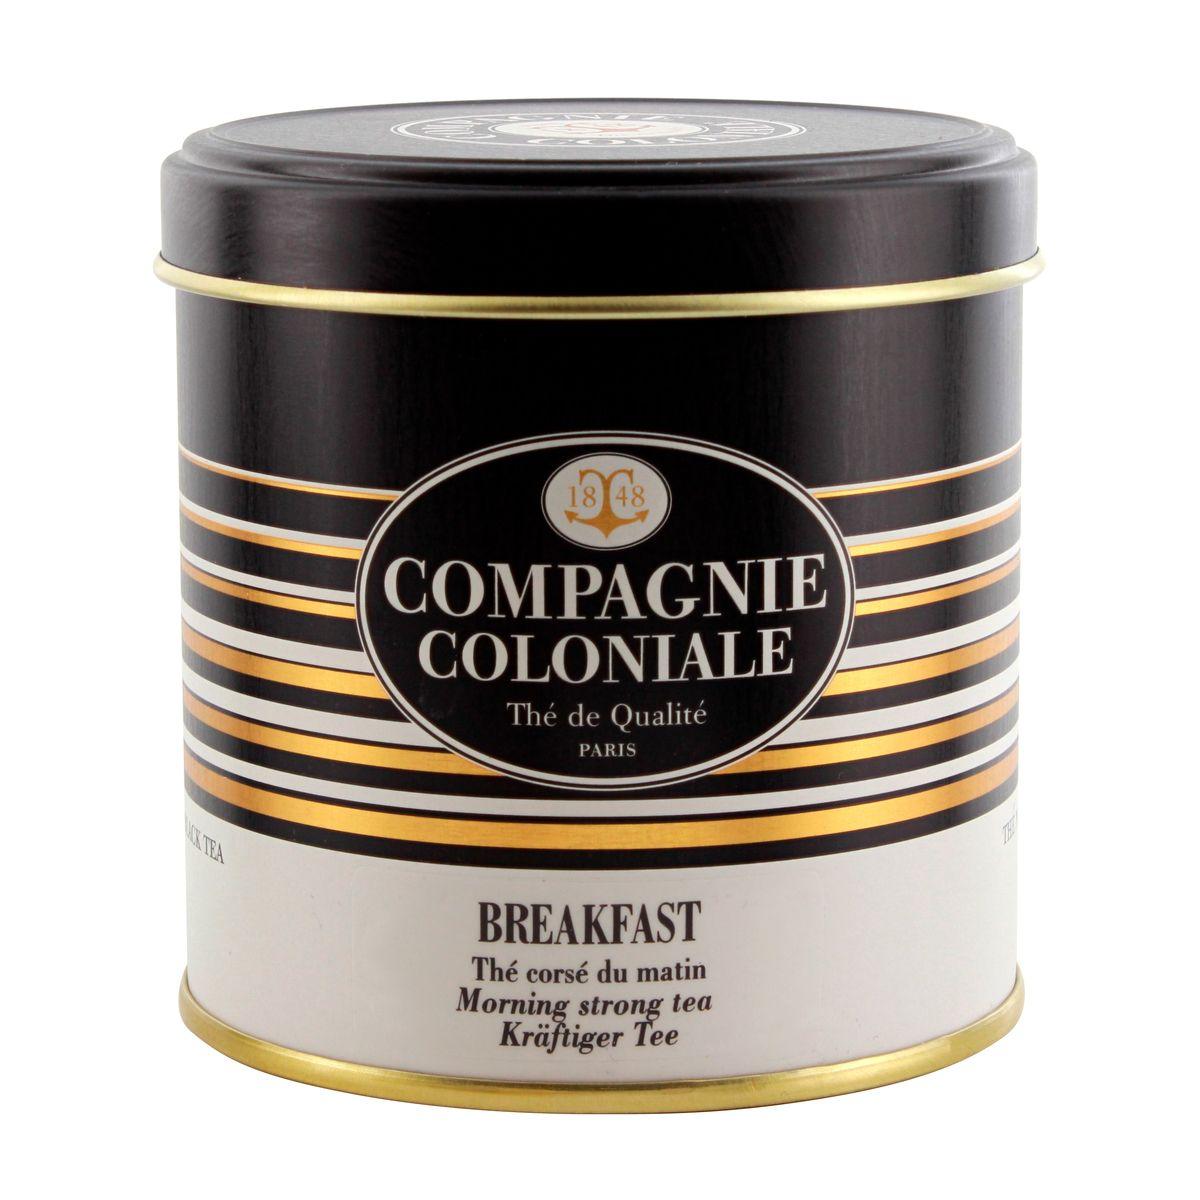 Thé noir nature breakfast boîte métal - Compagnie Coloniale